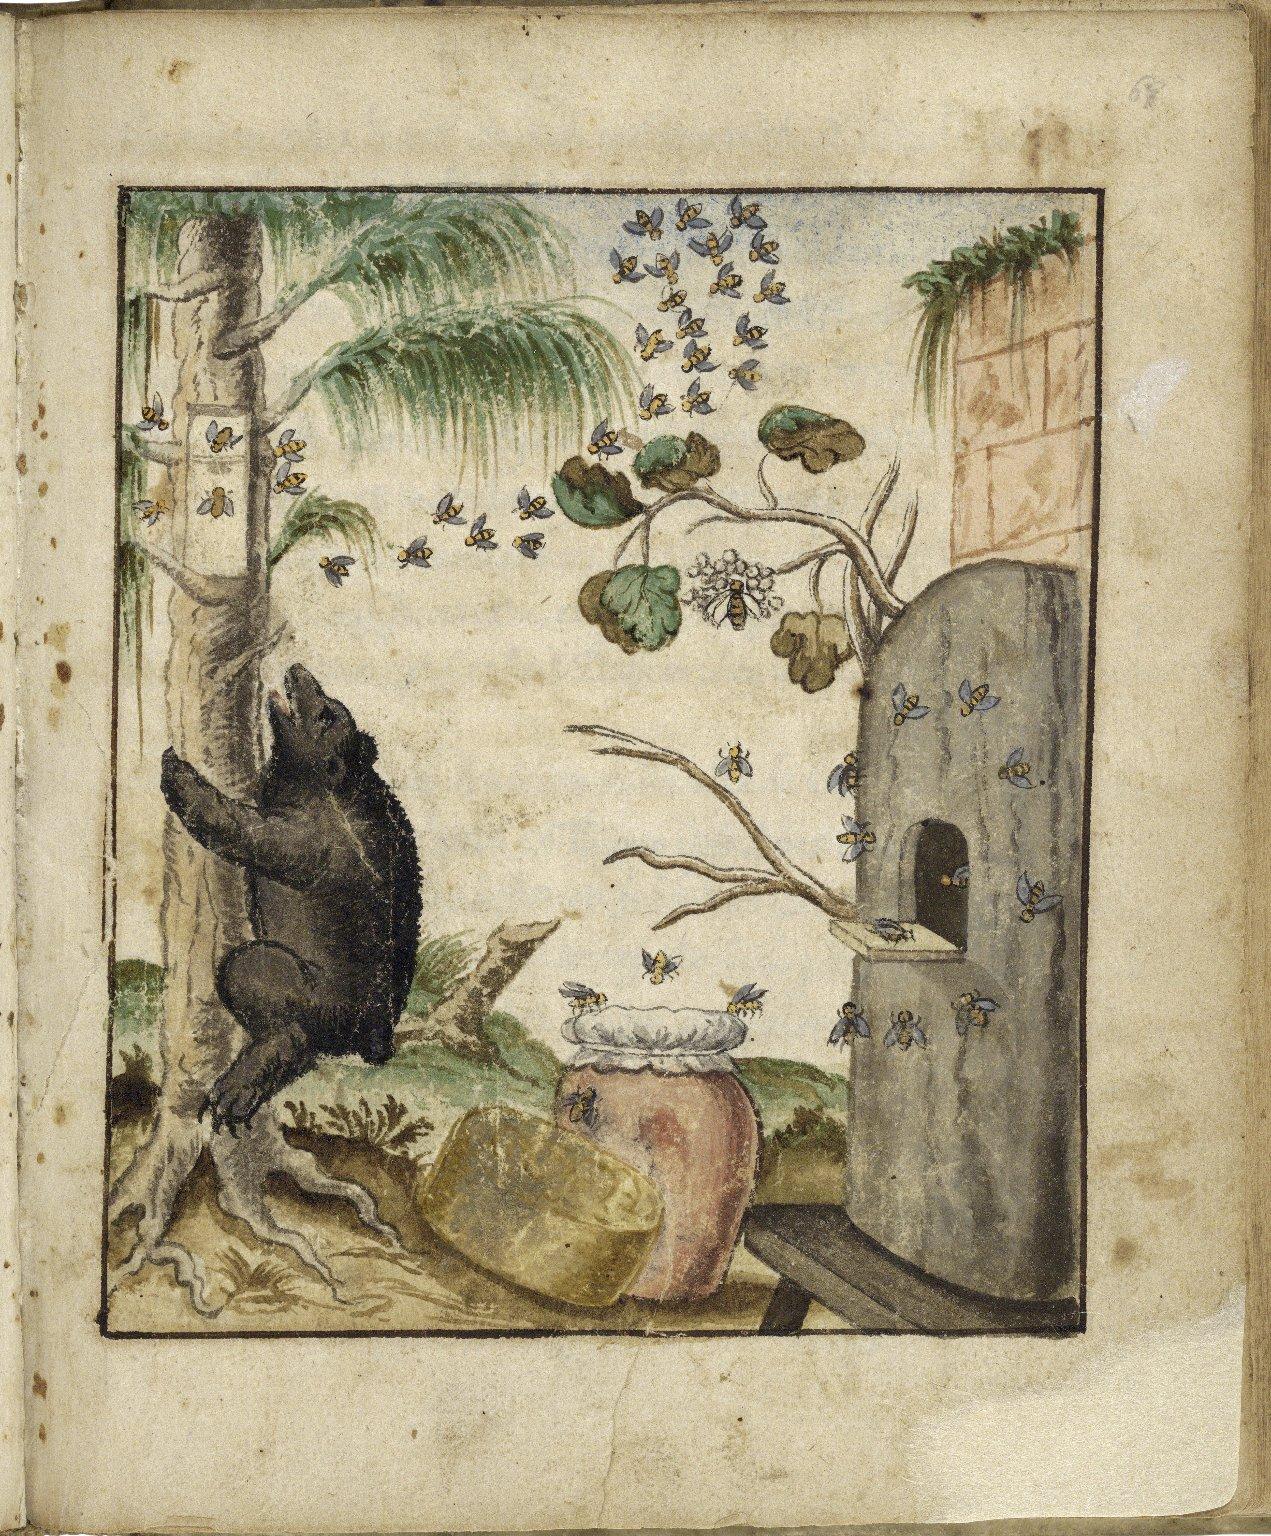 Herbarium, continens Theriaca medicamenta quae primum Andromachus, Neronis imperatoris medicus, deinceps Galenus, Dioscorides et alii medici composuerunt. [manuscript].